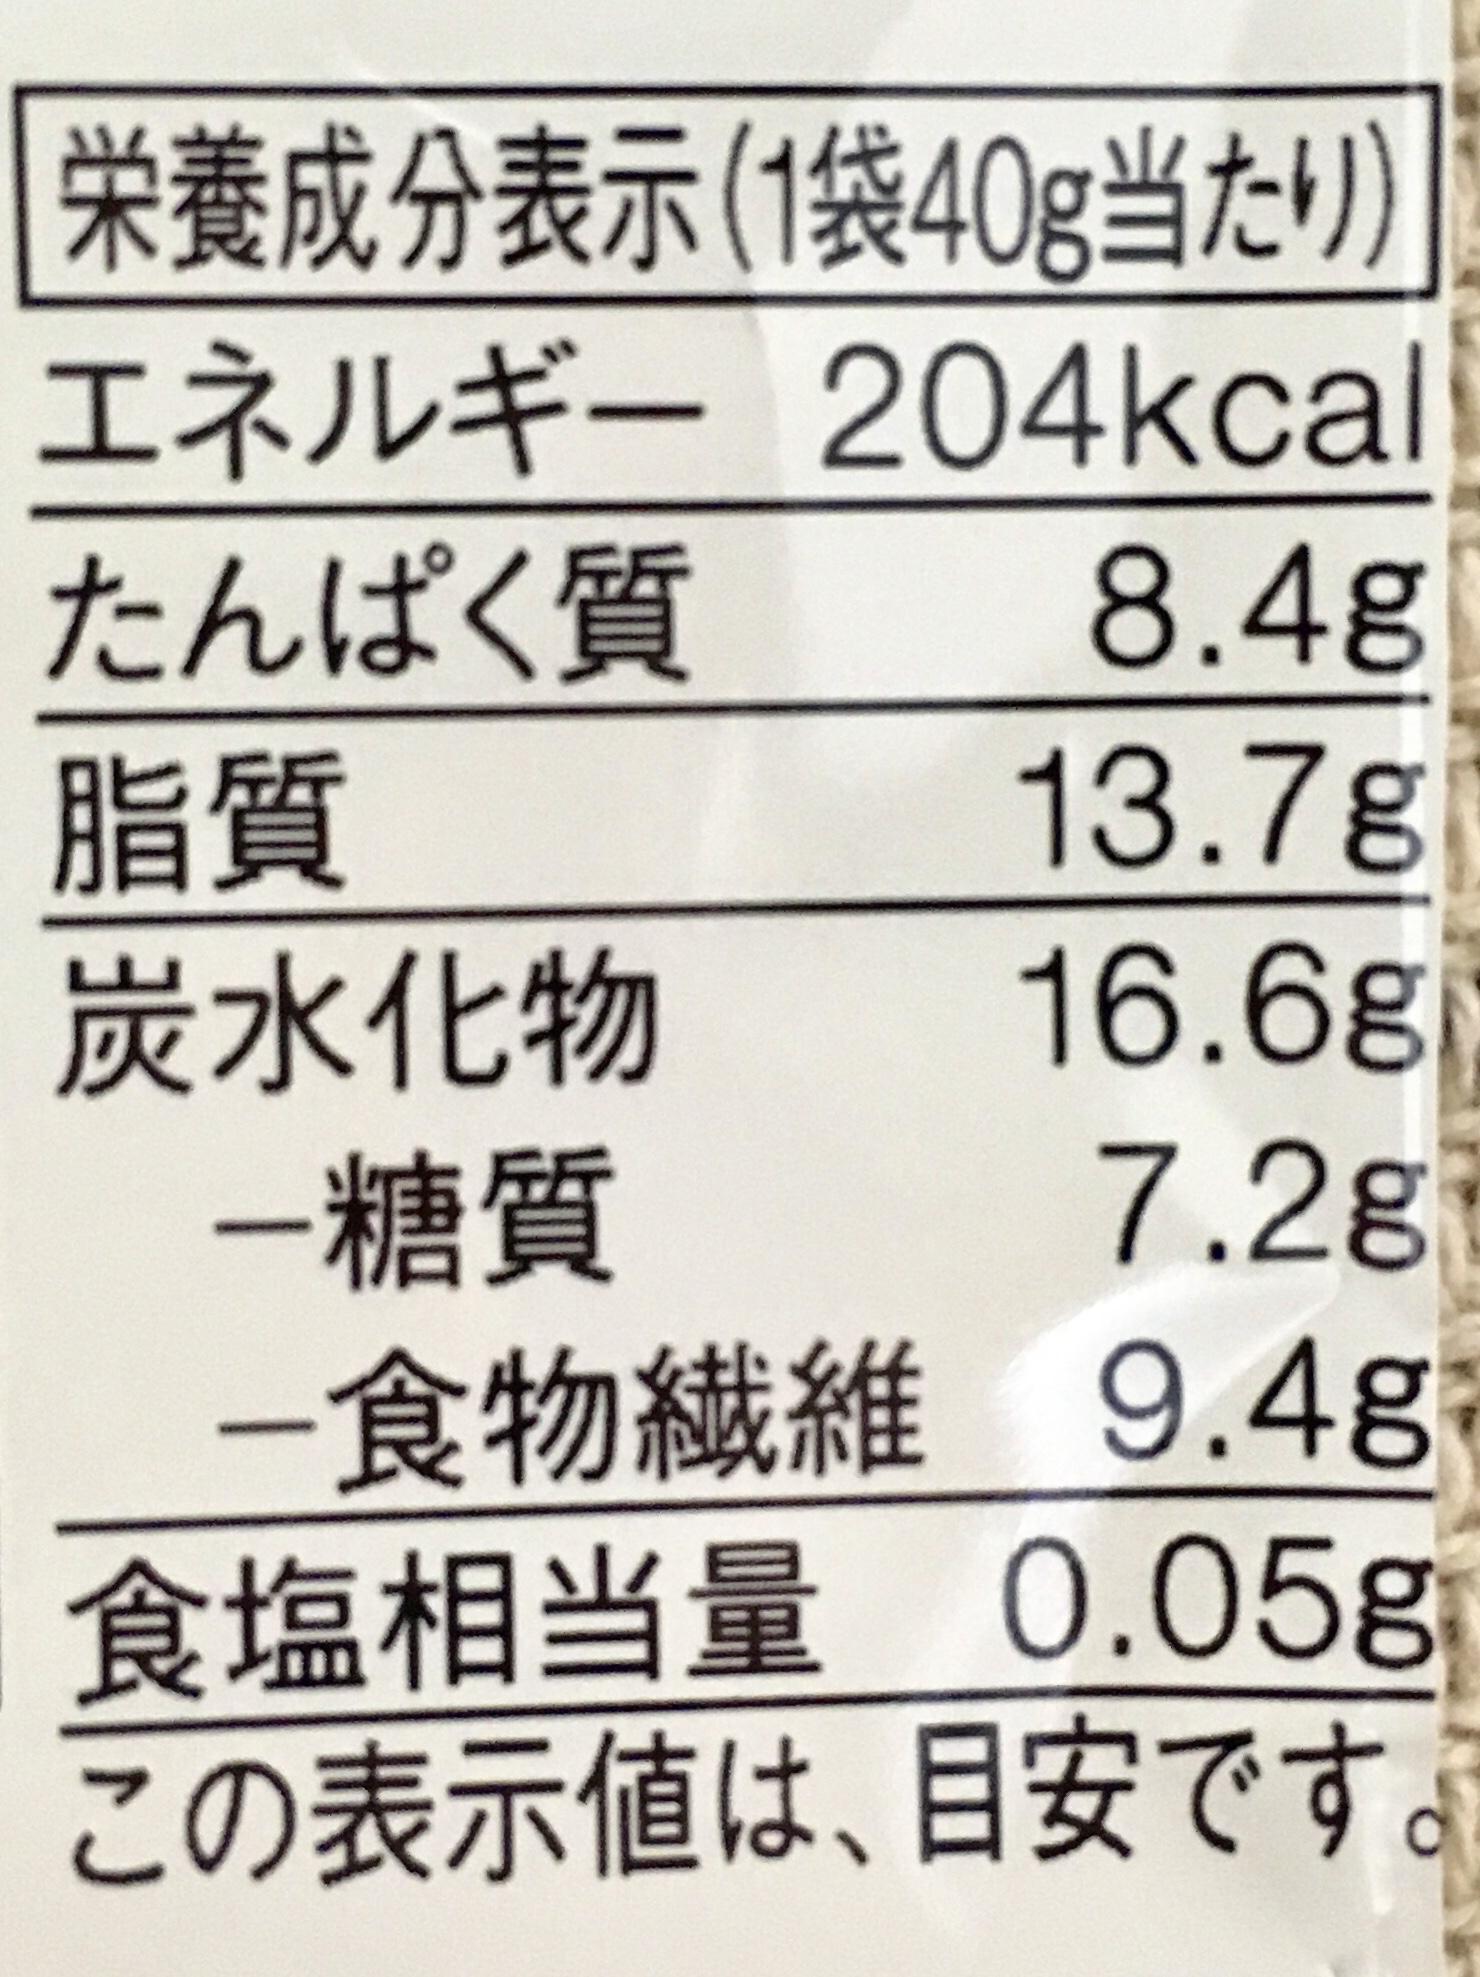 無印良品の糖質10g以下のお菓子 コーヒーチョコがけ大豆の栄養成分表示